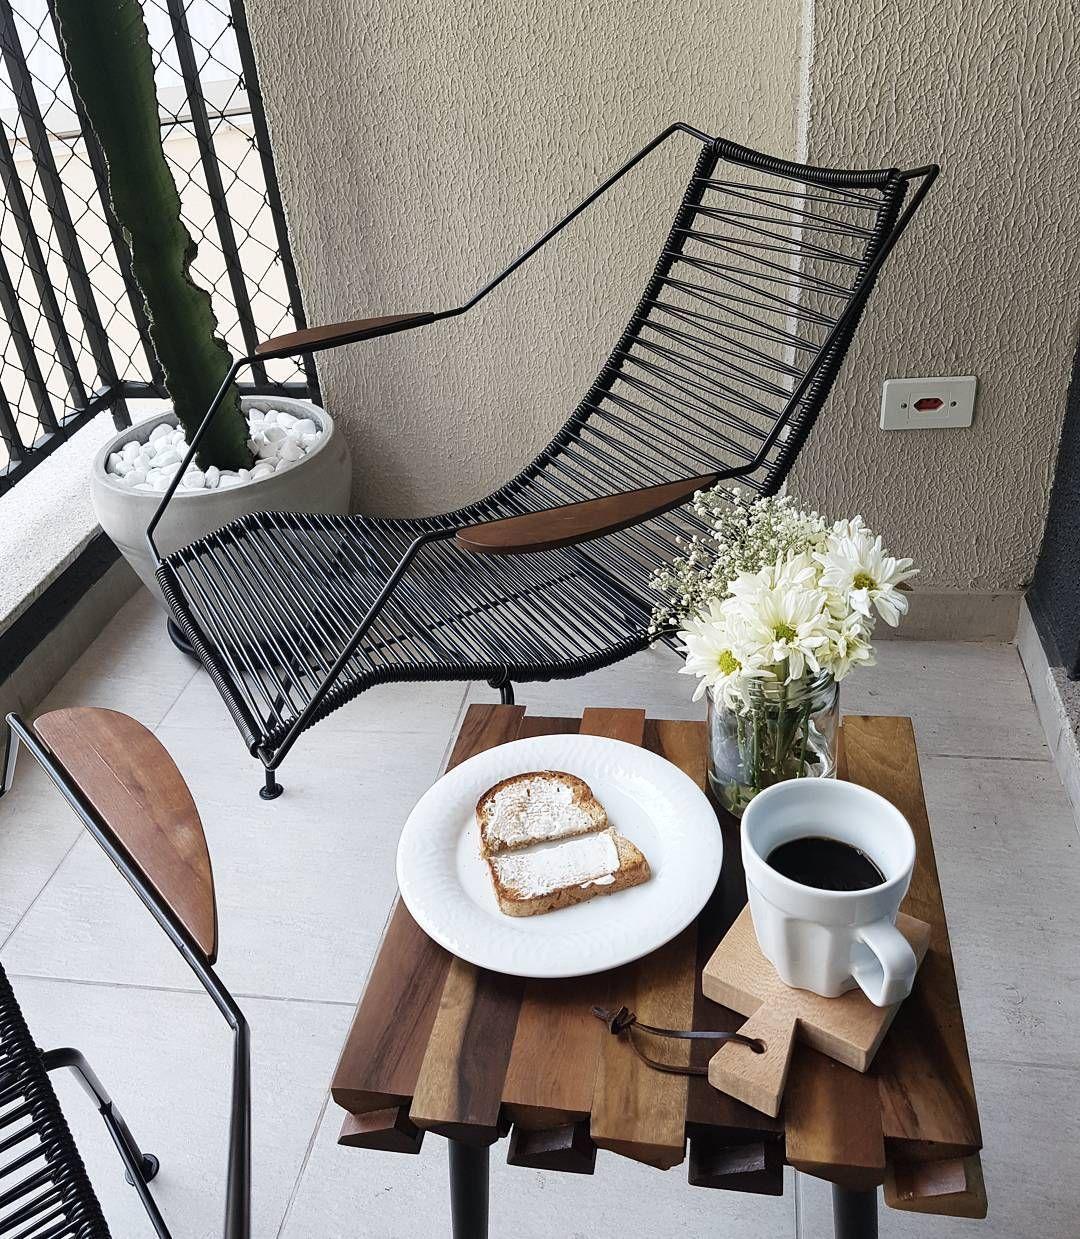 ✖Good morning✖ O melhor das férias é poder tomar café às 11 da manhã #goodmorning #breakfast #vacation #balcony #bomdia #ferias #home #myhome